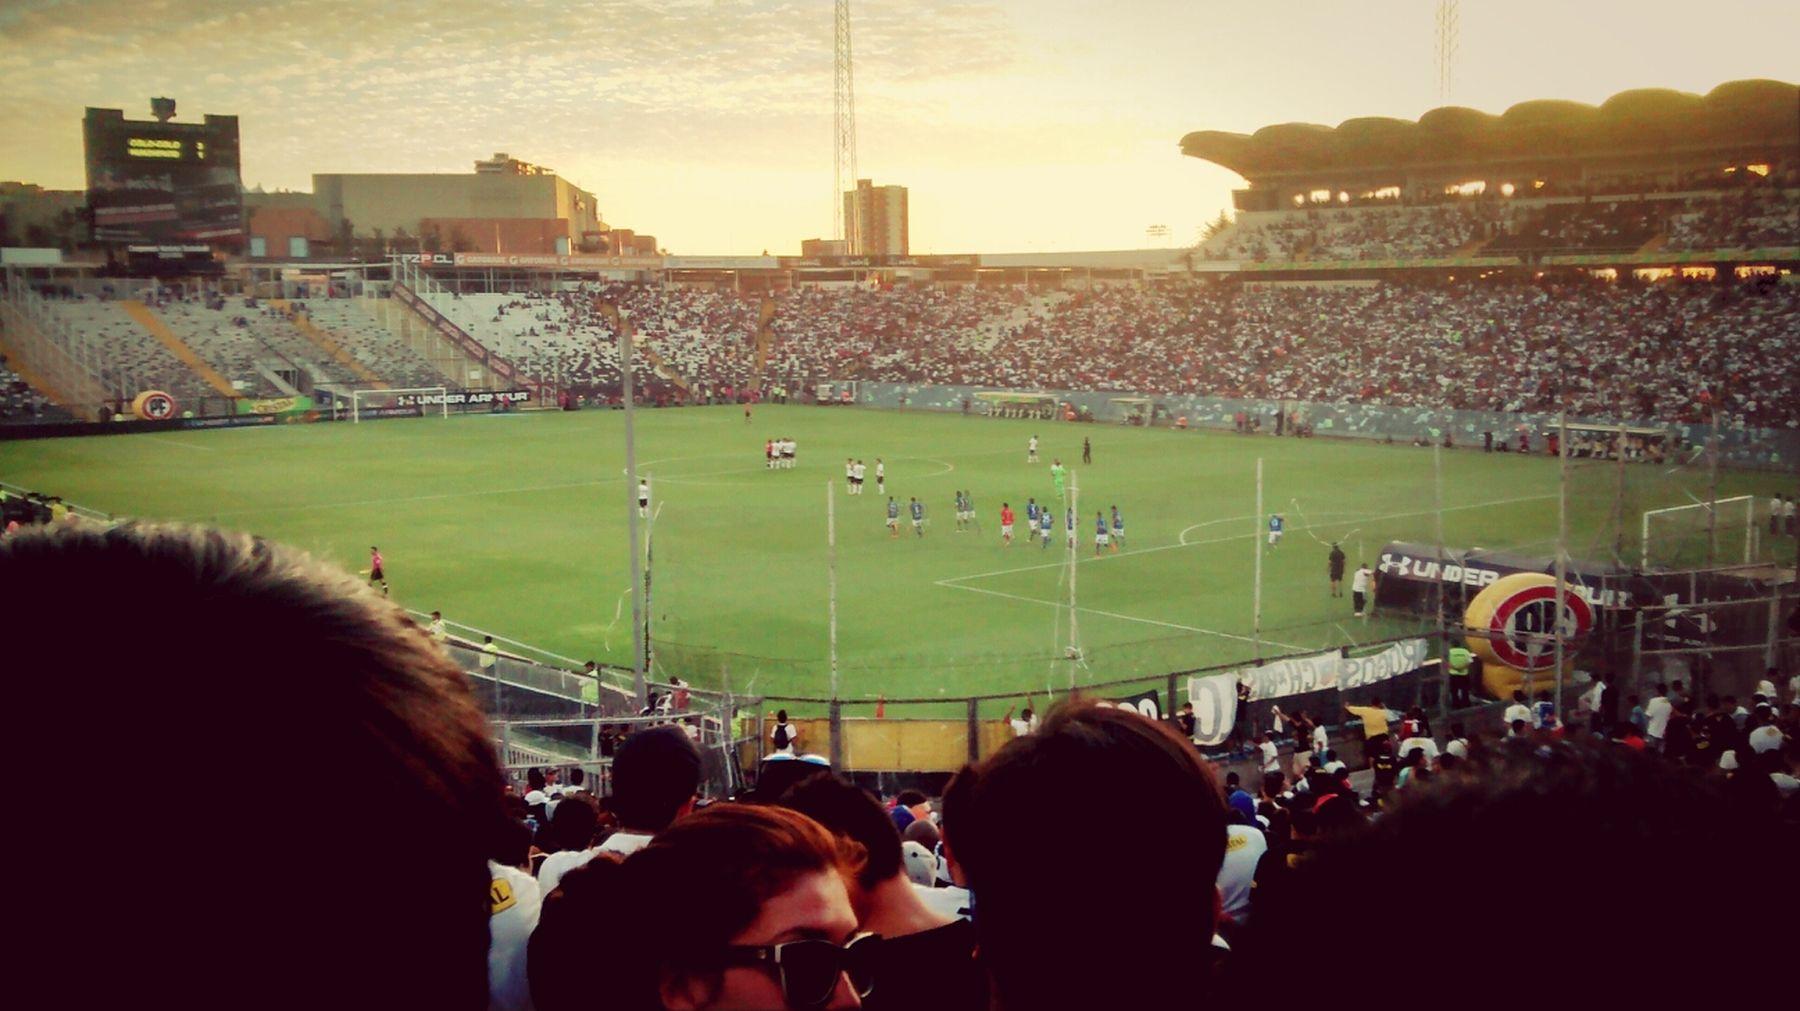 Soccer Football Colo-colo Chile